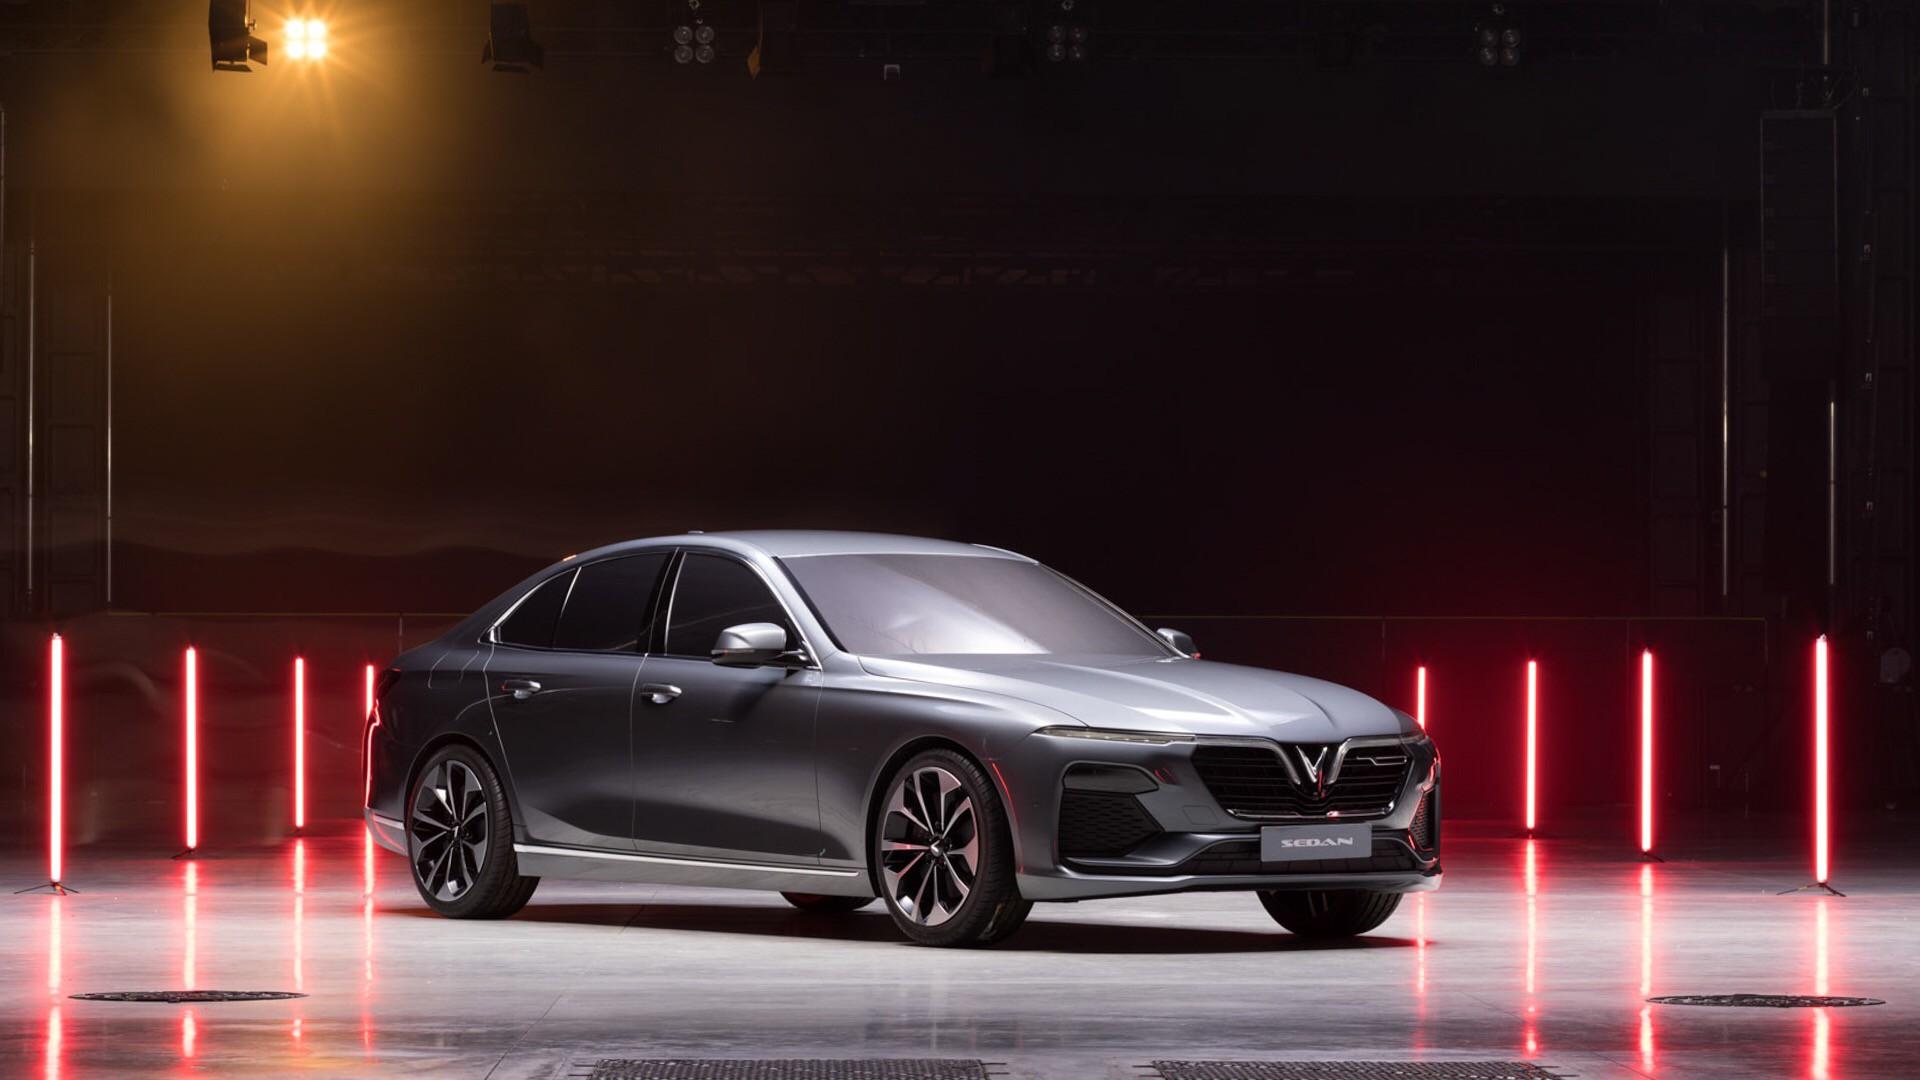 VinFast chính thức công bố tên 2 mẫu xe đầu tiên LUX A2.0 và LUX SA2.0 1